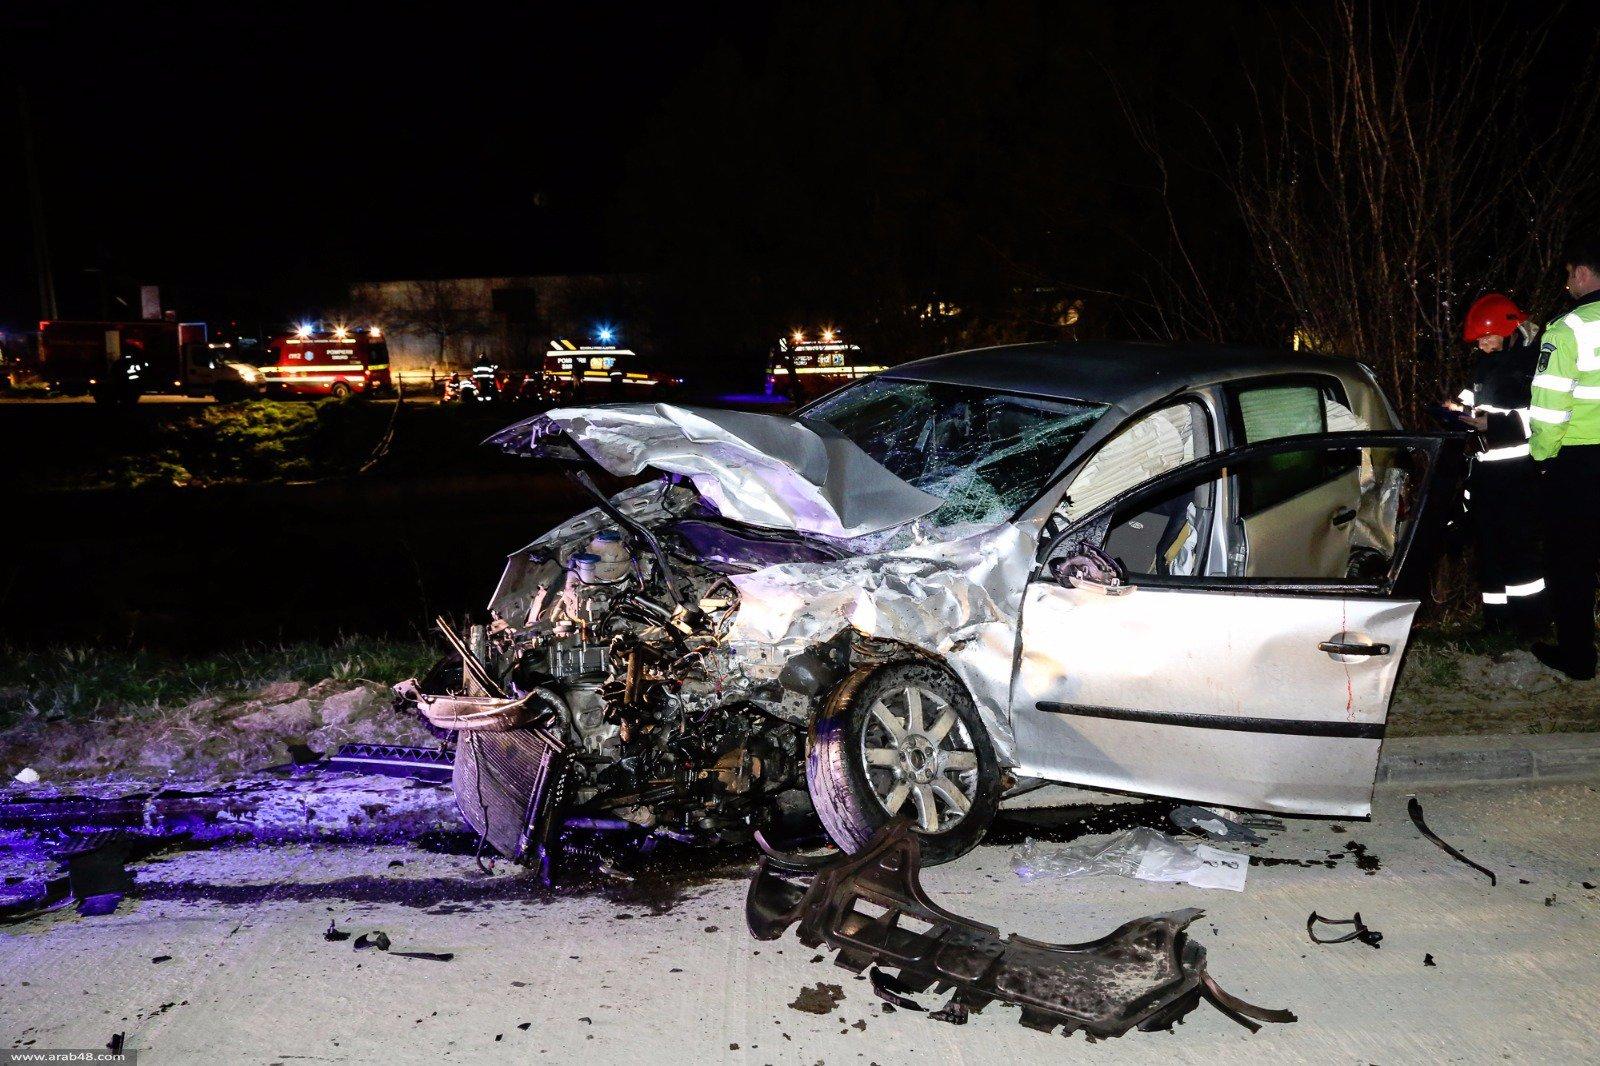 إصابة 3 شباب في حادث مروع بأبوكبير